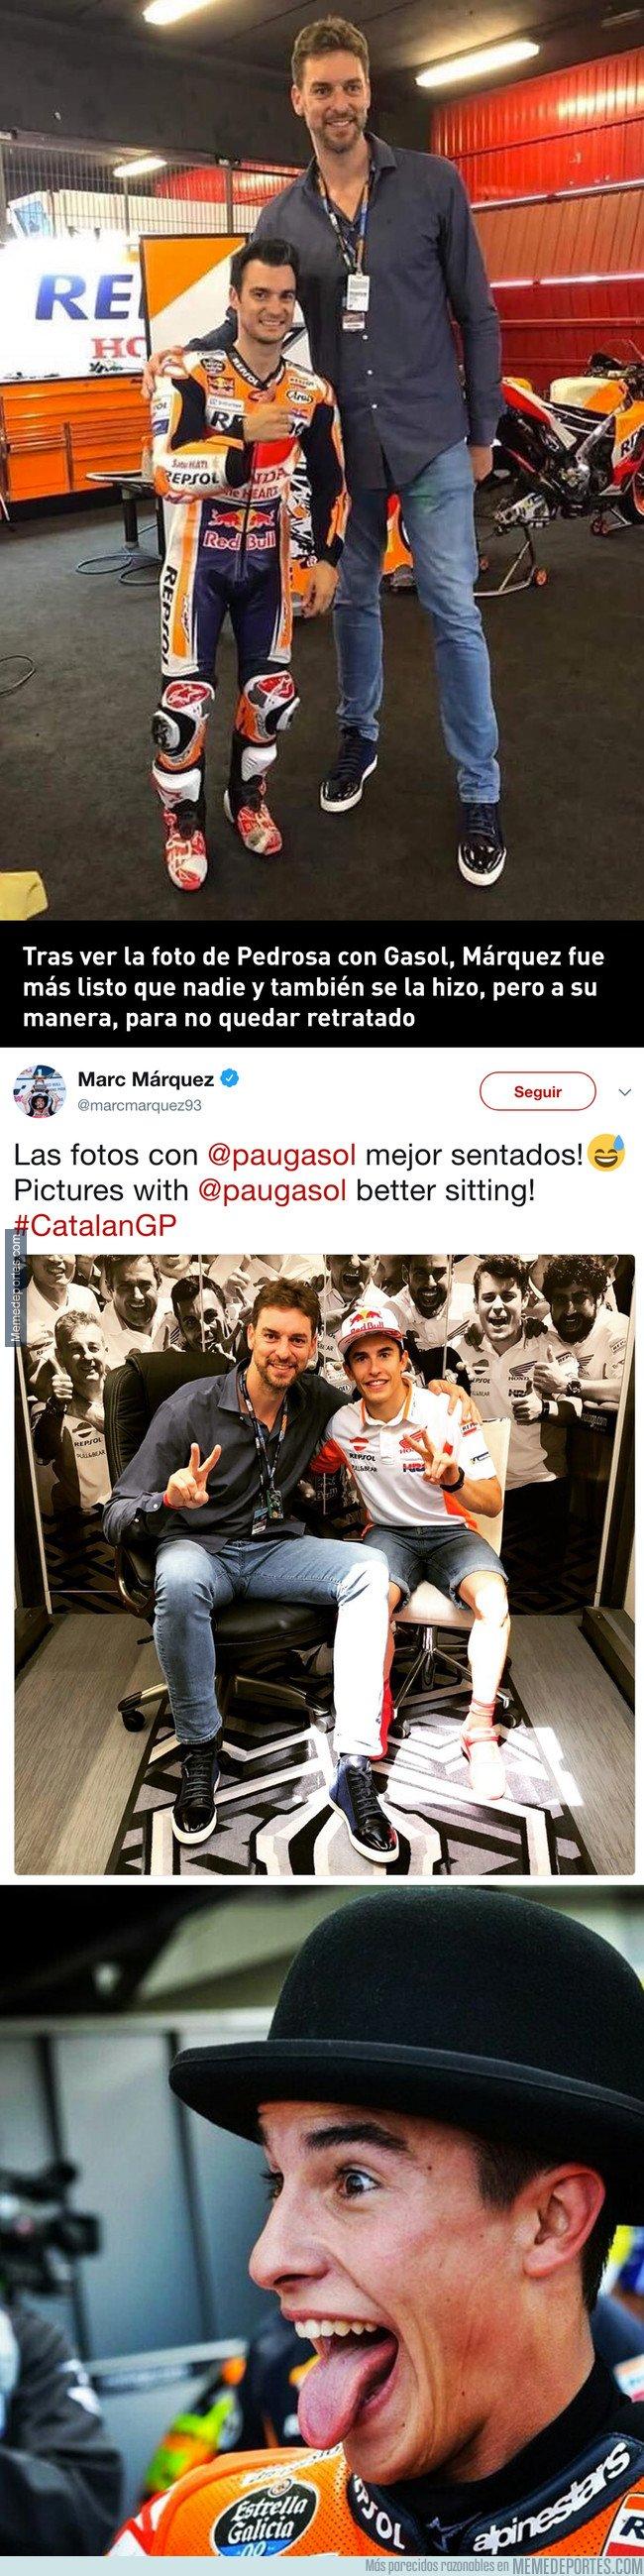 1038666 - Márquez, como siempre, aprendiendo de los errores de sus rivales y mejorándolos